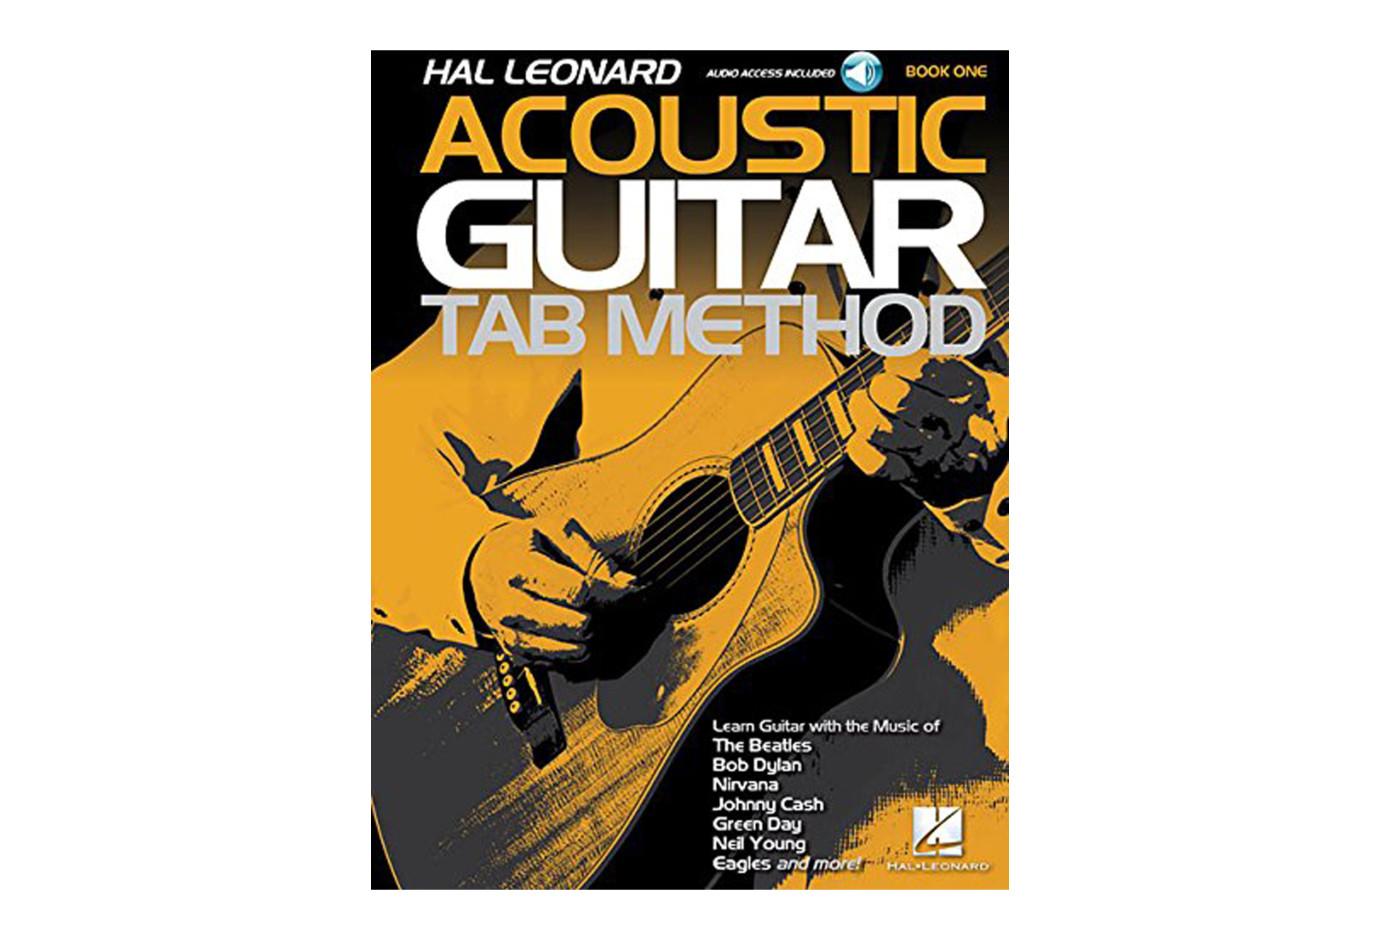 hal leonard acoustic guitar tab method book one. Black Bedroom Furniture Sets. Home Design Ideas